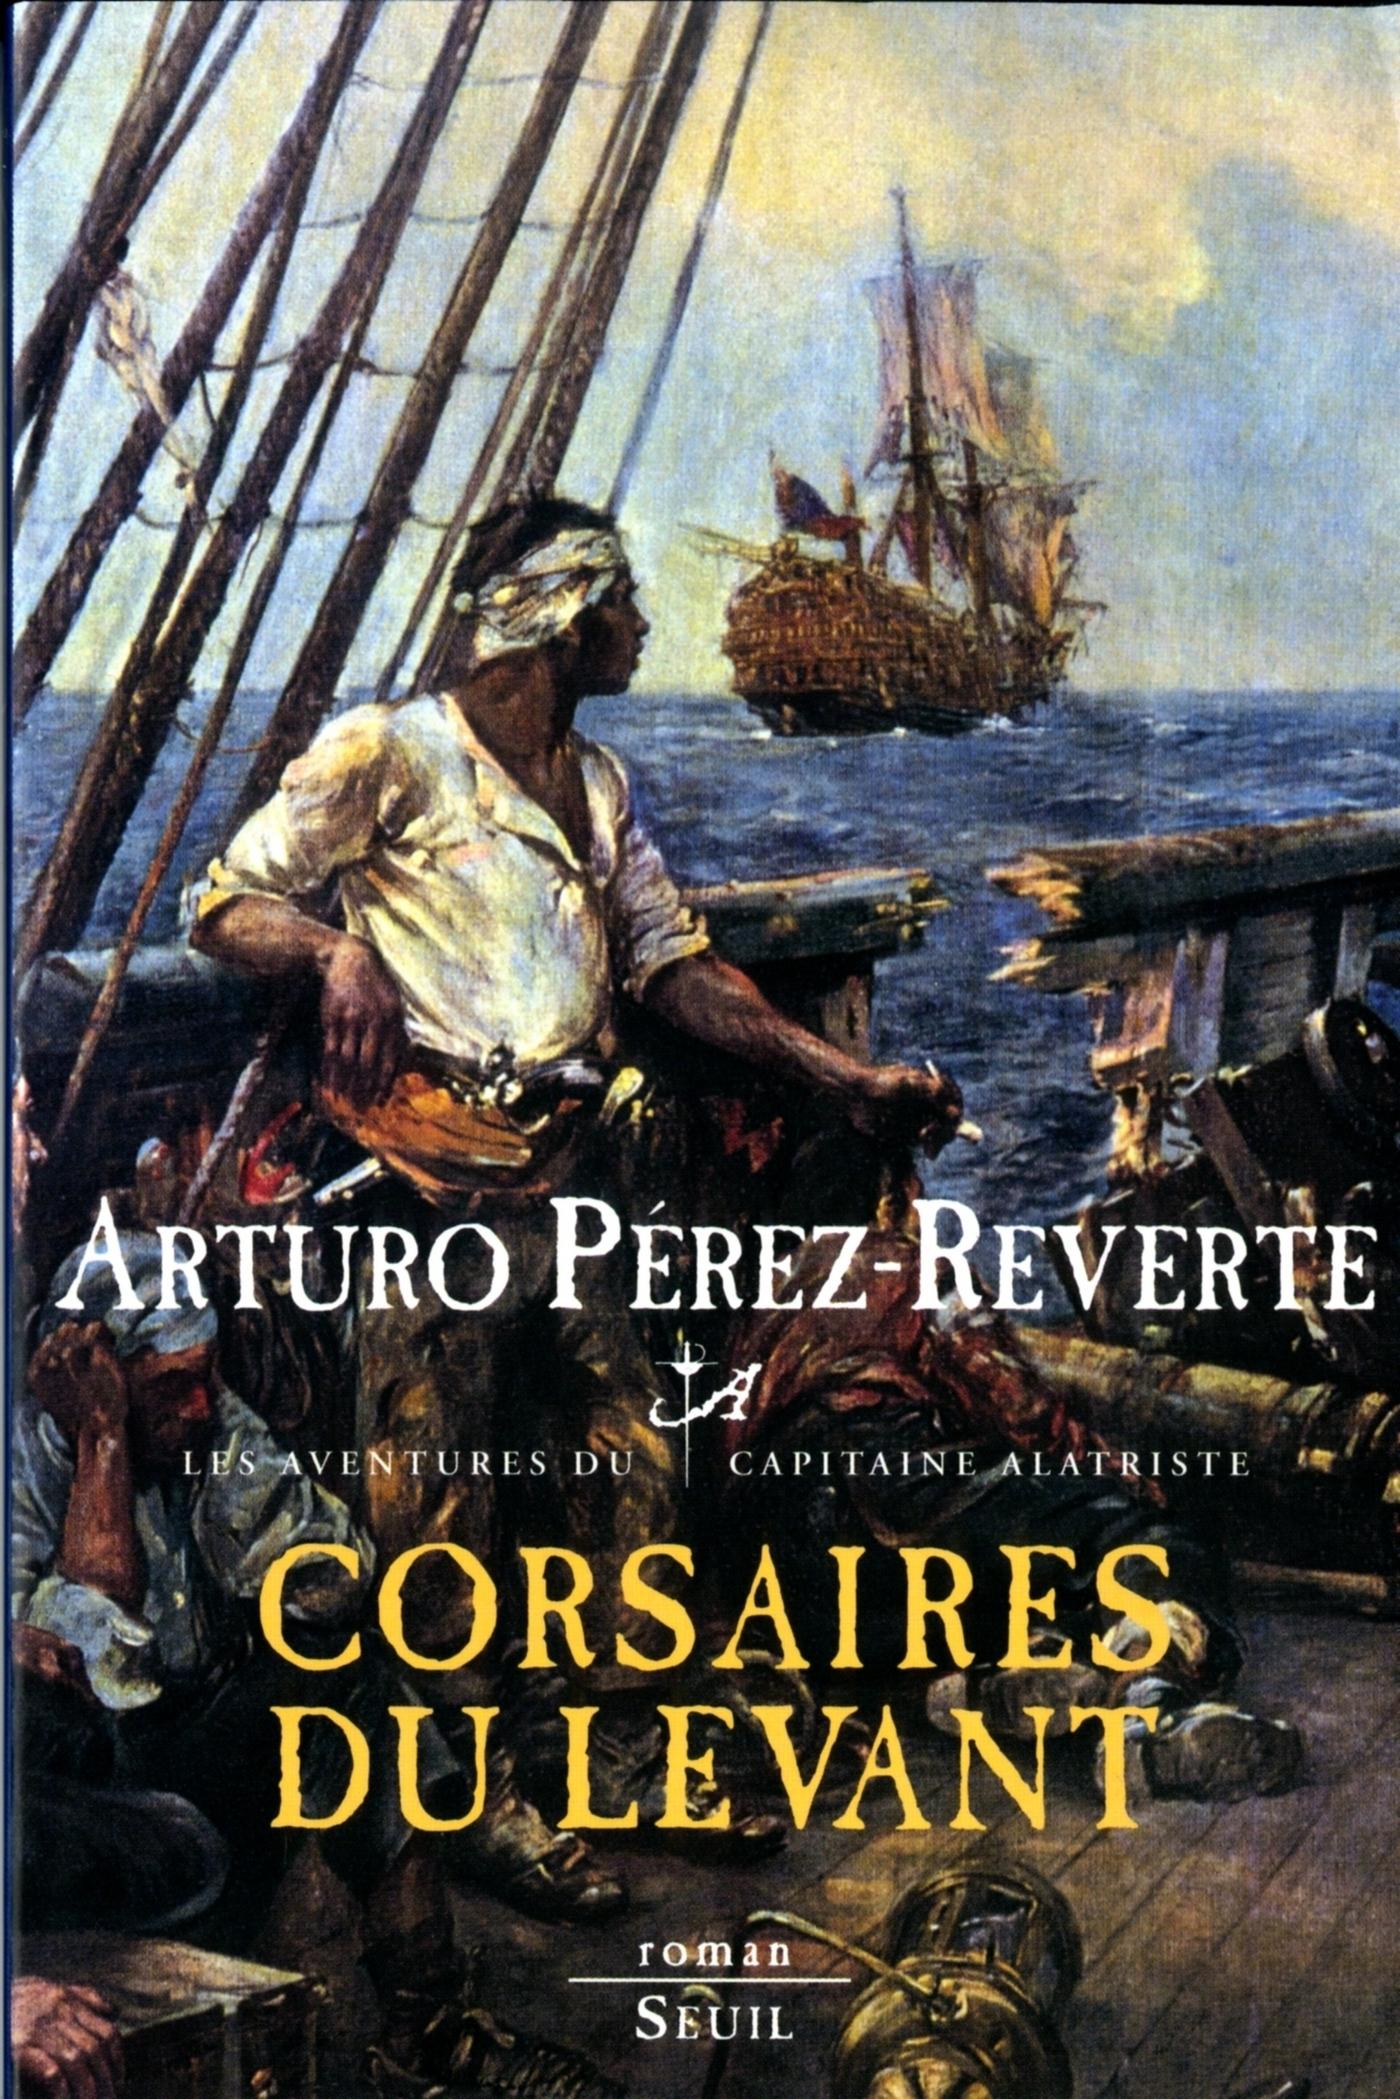 Corsaires du Levant. Les Aventures du Capitaine Alatriste, t. 6 | Pérez-Reverte, Arturo